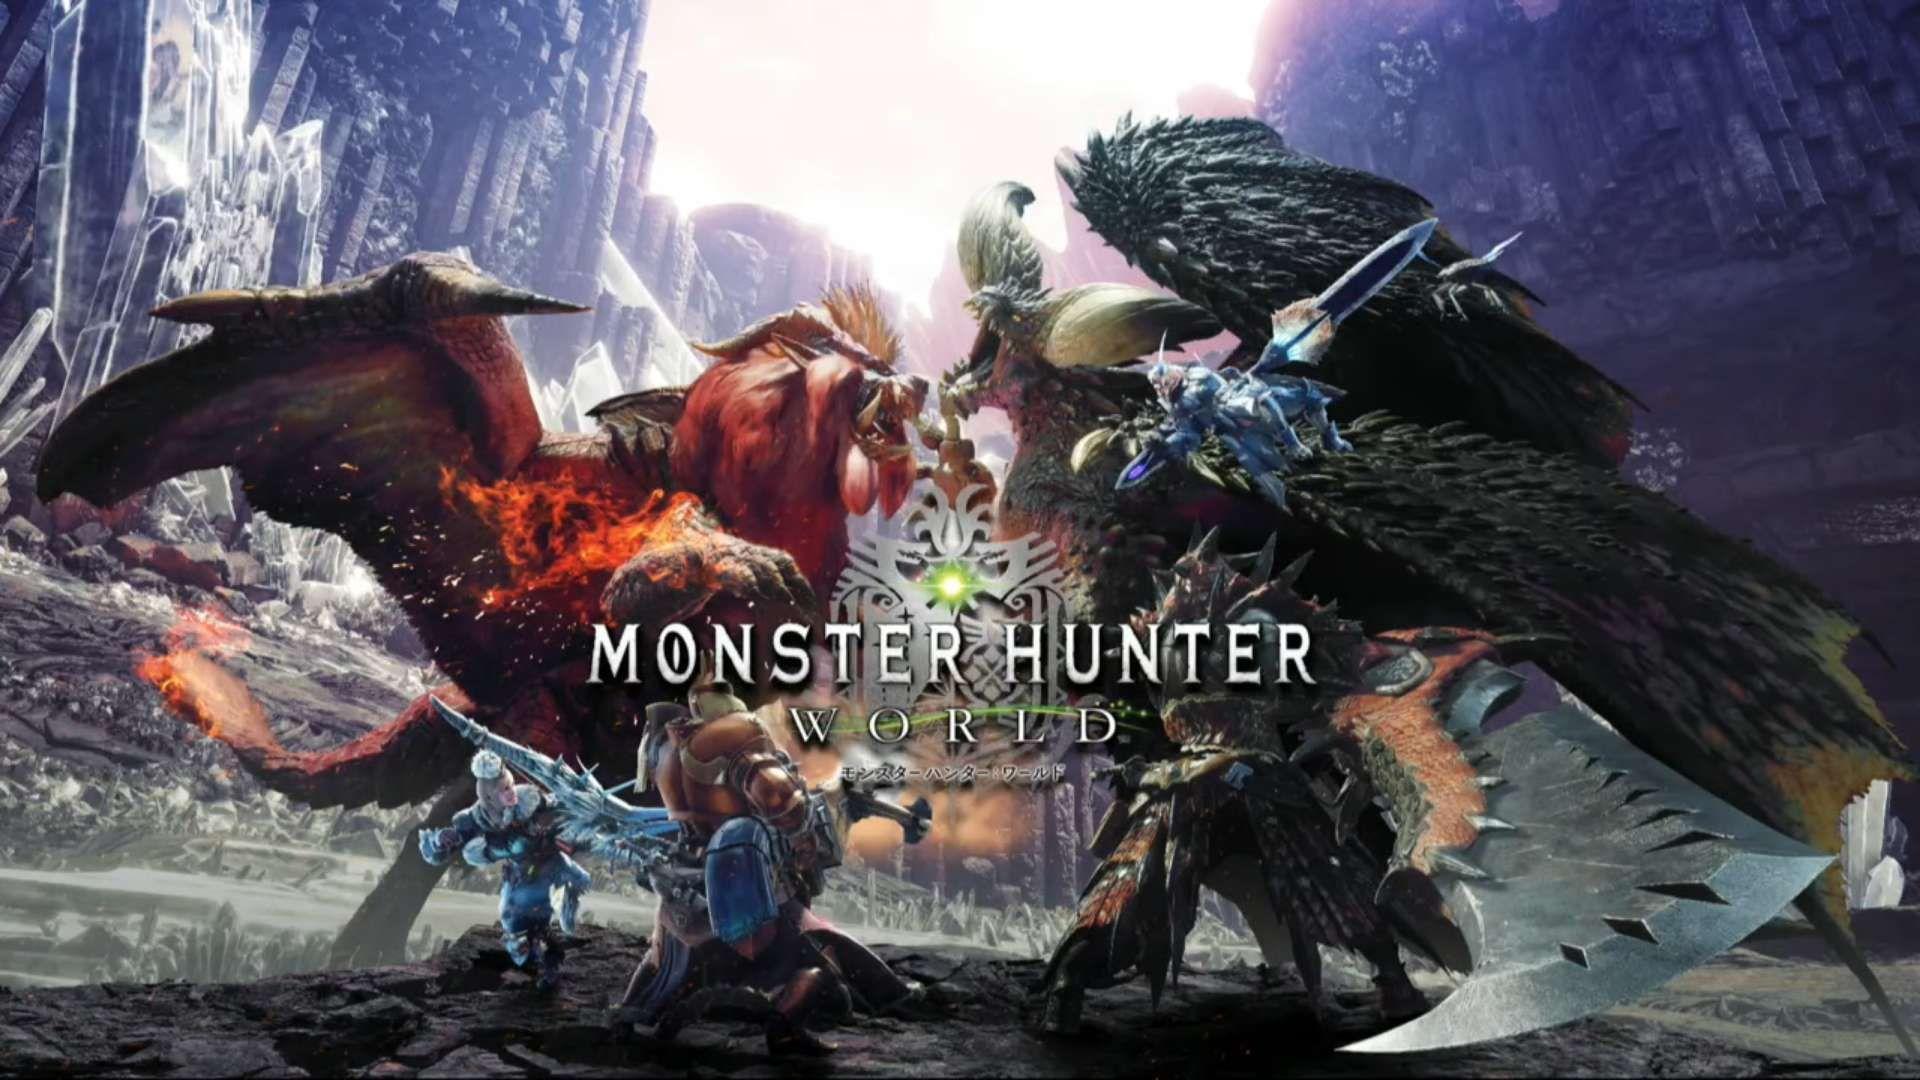 Monster Hunter World Wallpapers Top Free Monster Hunter World